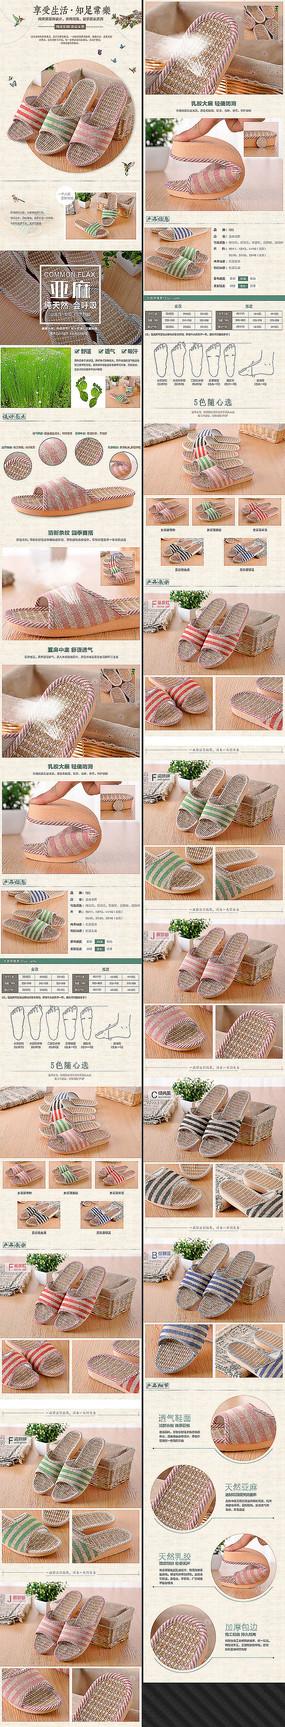 亚麻拖鞋详情页细节描述图片